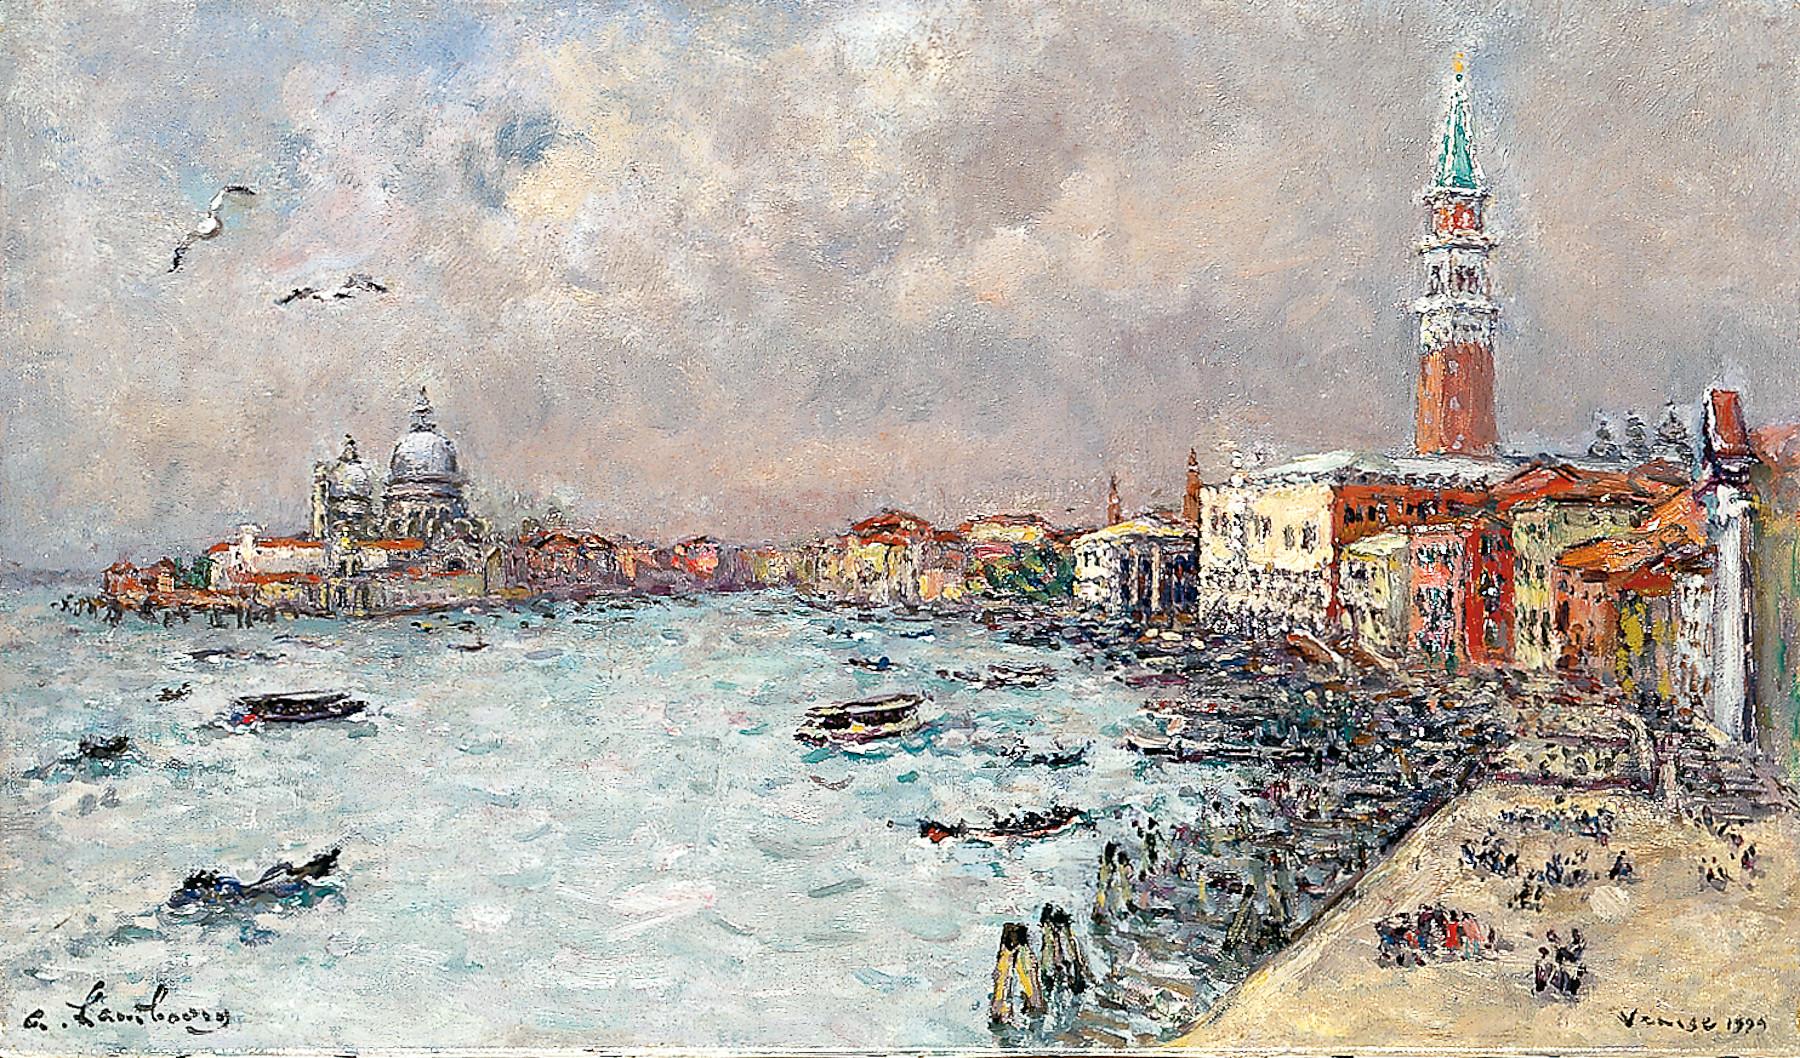 «En mai 1999 au Gabrielli à Venise, pour mon 90 ème anniversaire» 1999, 27cmx46cm, VE201